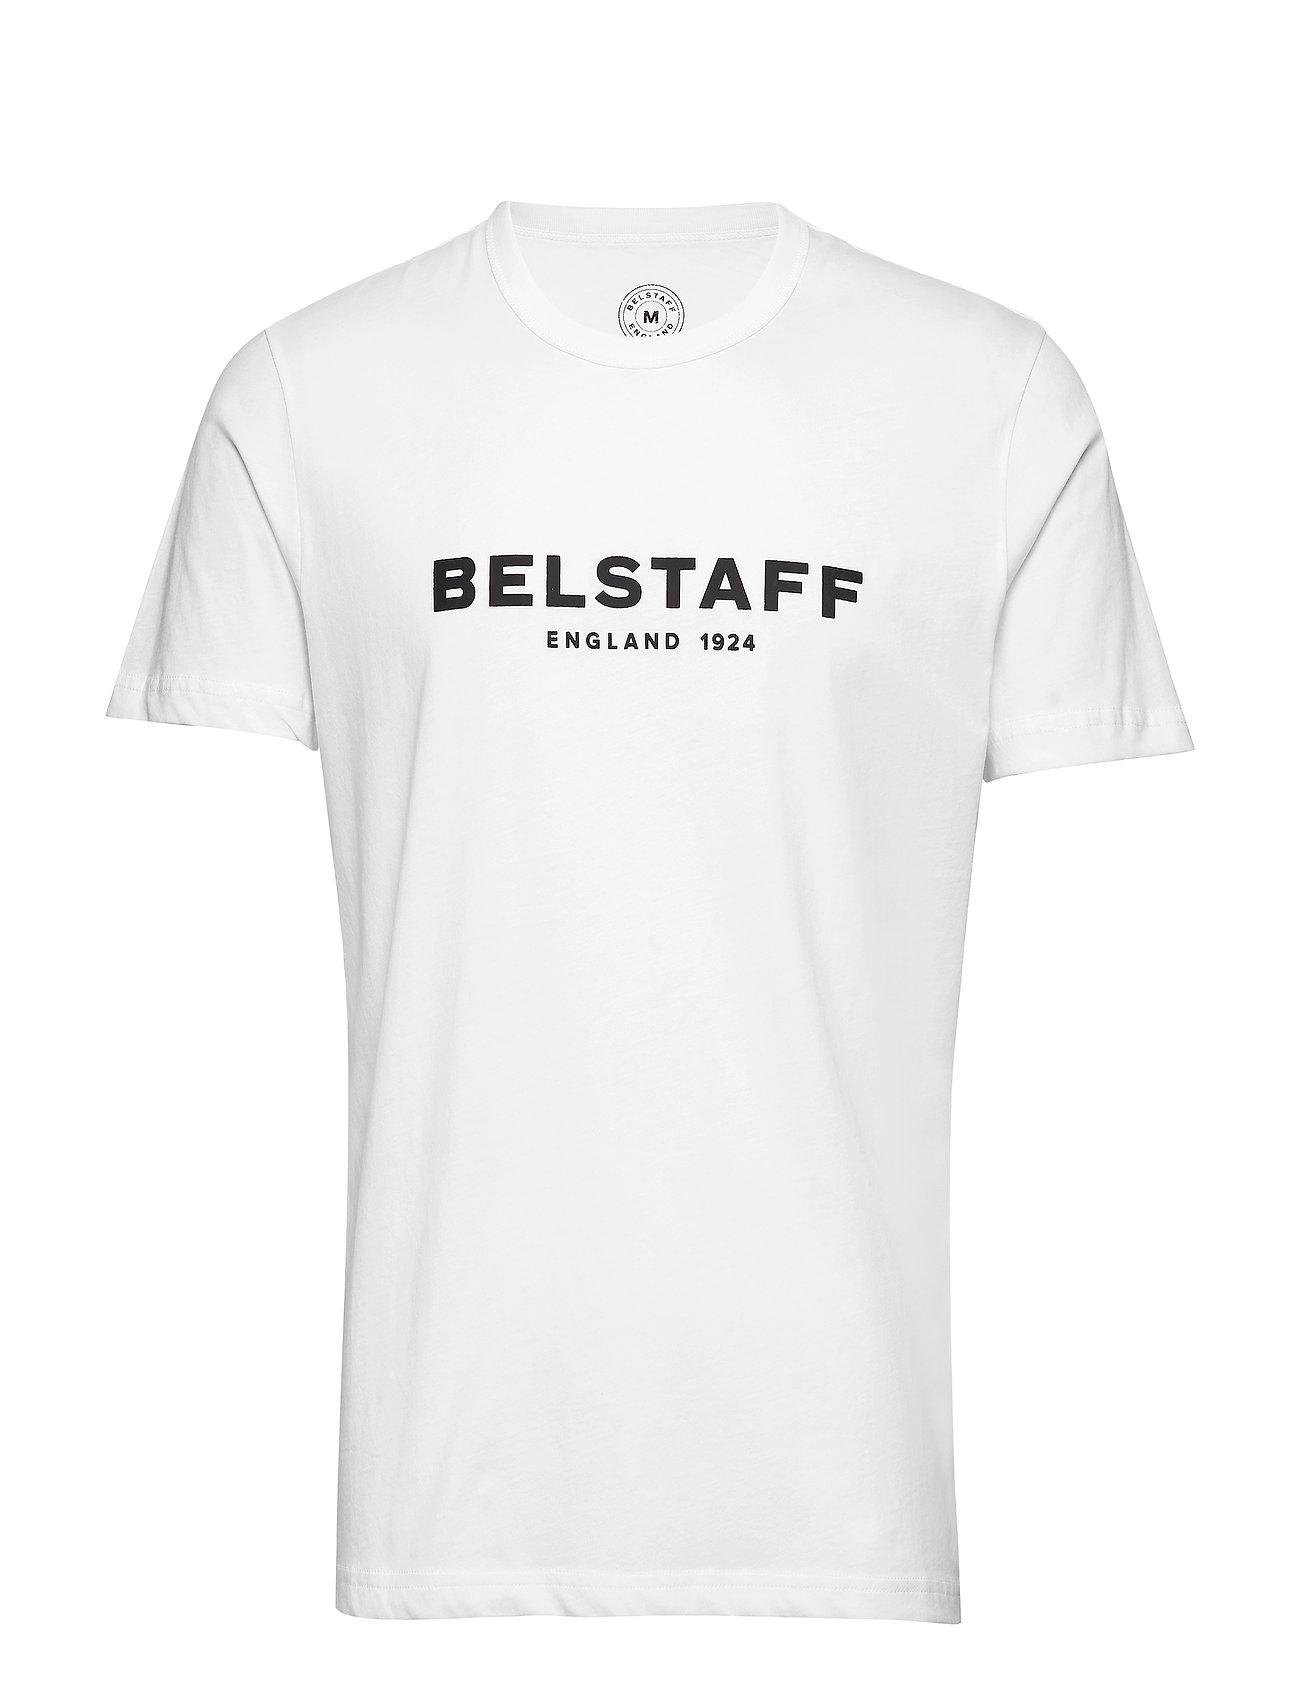 Belstaff BELSTAFF 1924 T-SHIRT - WHITE